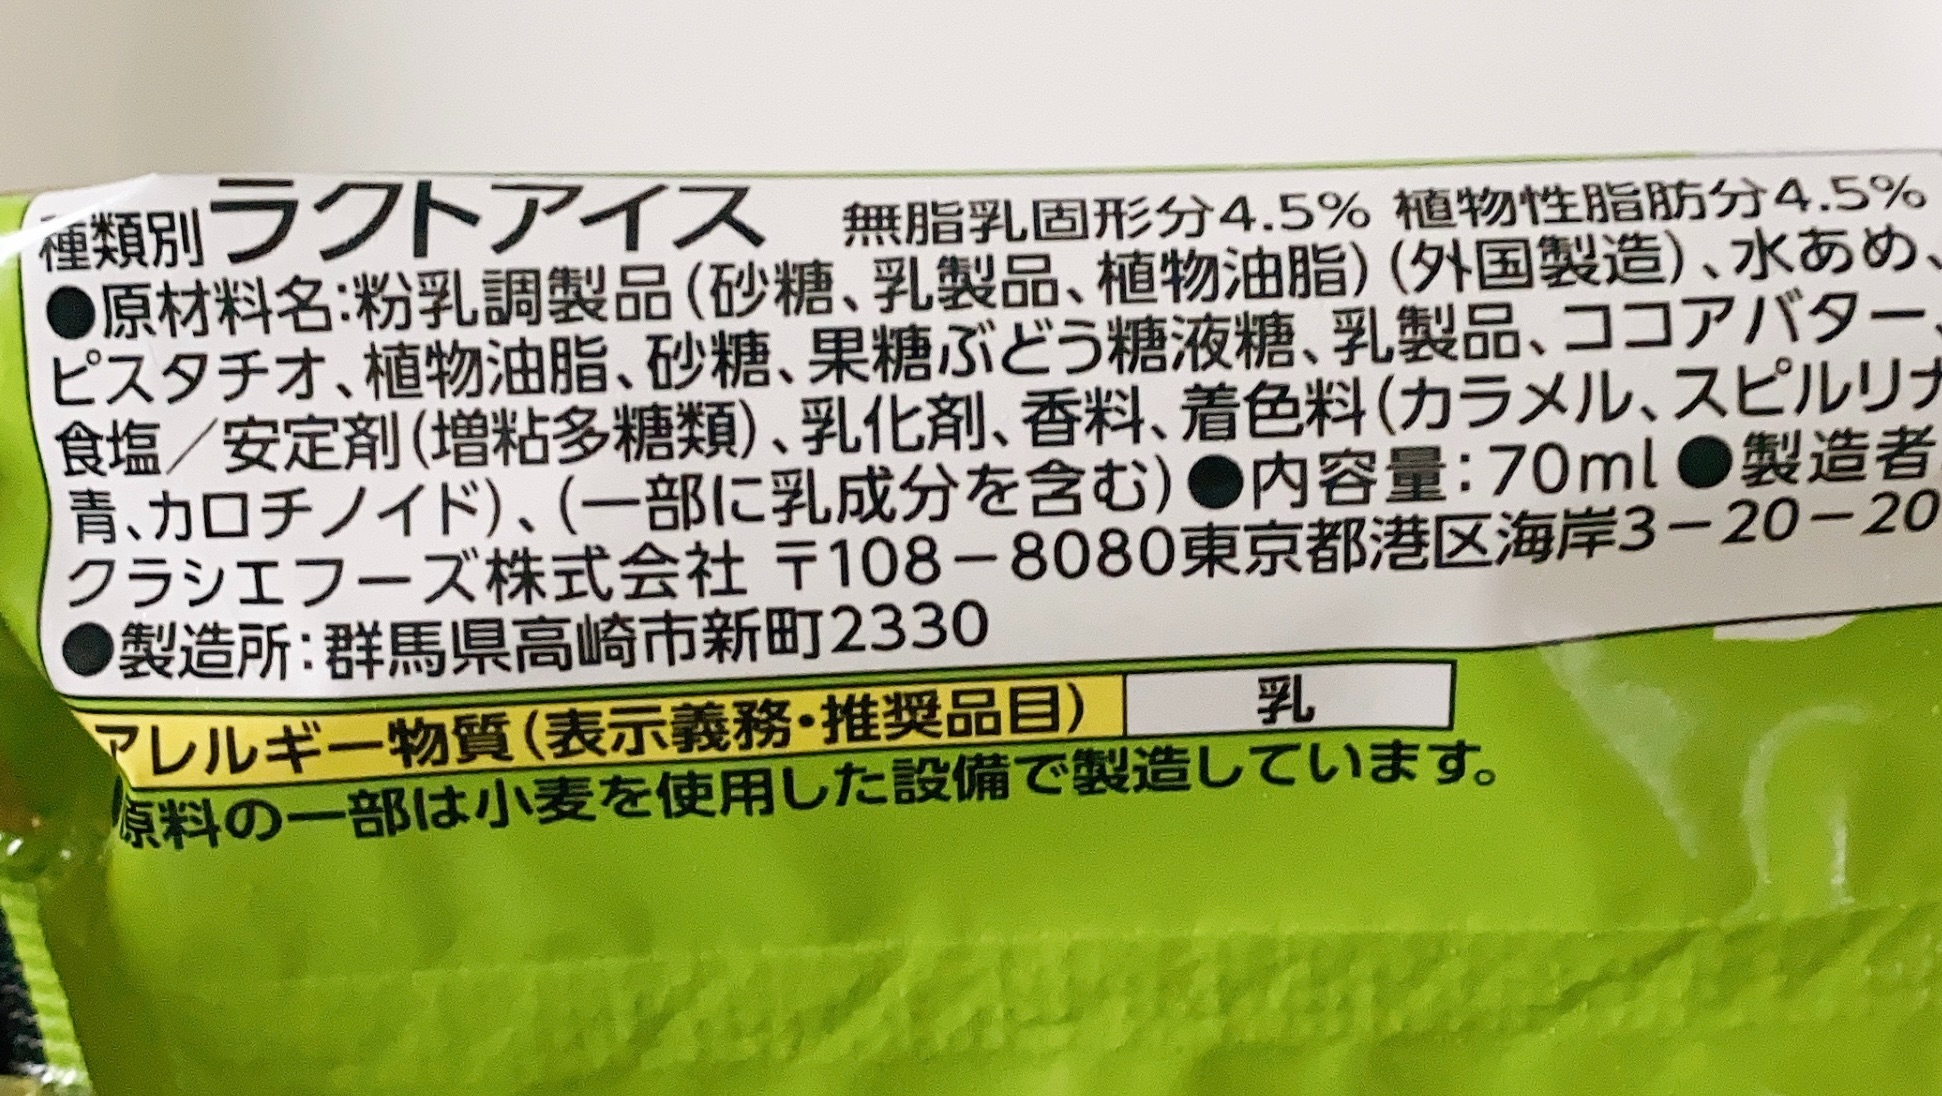 f:id:kurunotekuko:20210827232837j:plain